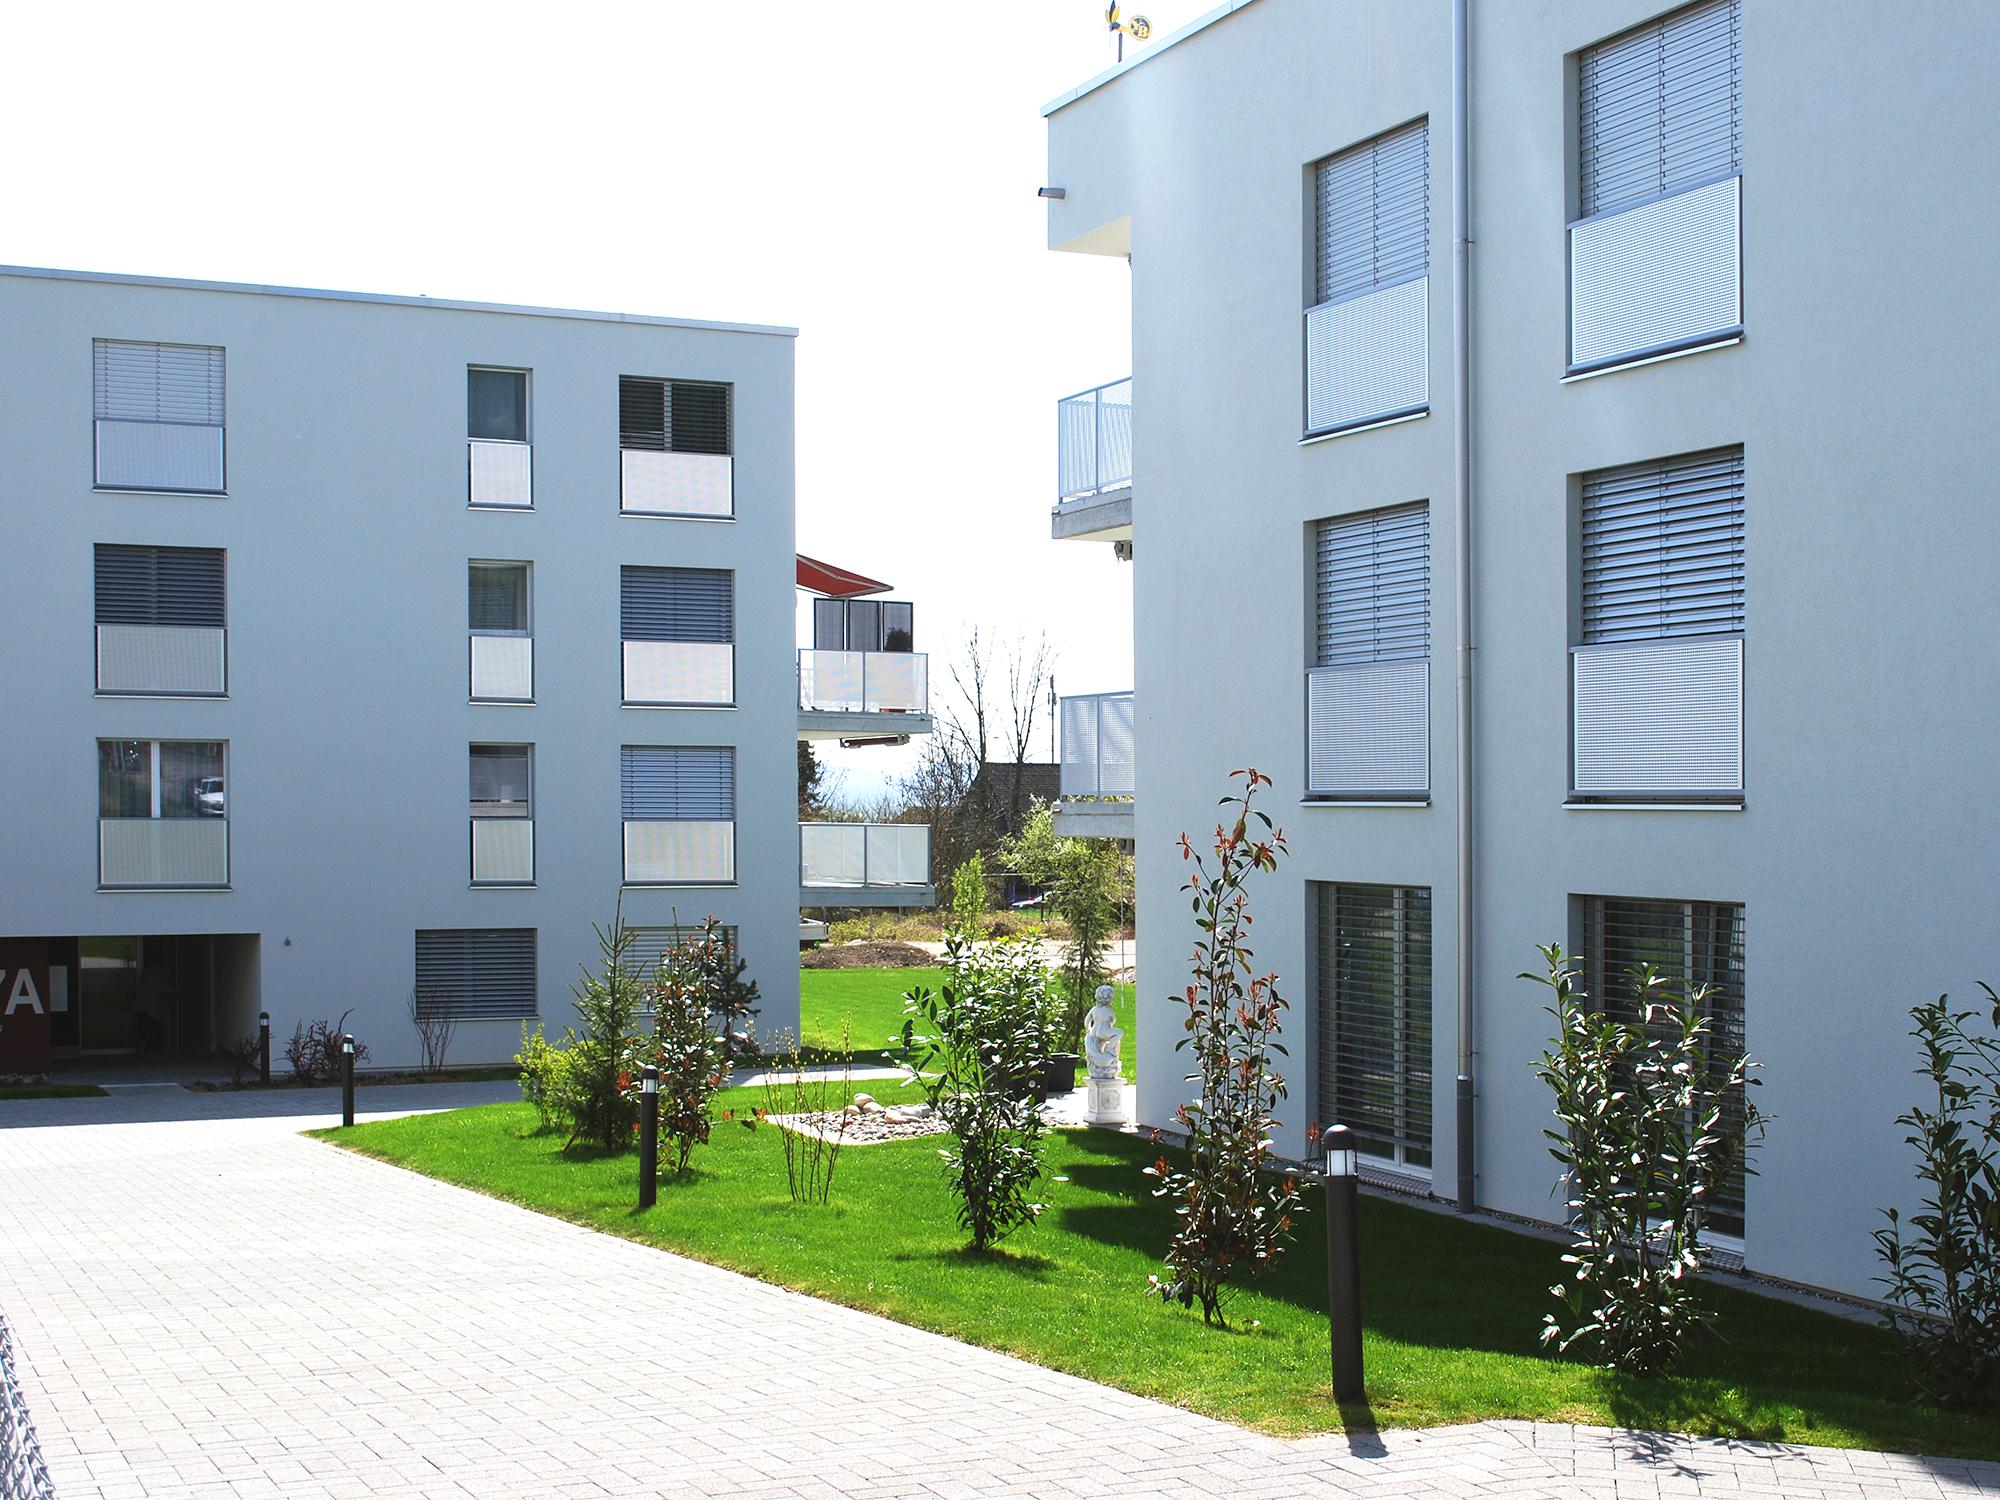 Überbauung Tannlimatt, Neubau 5 MFH   FREPA AG   Malerei Gipserei ...